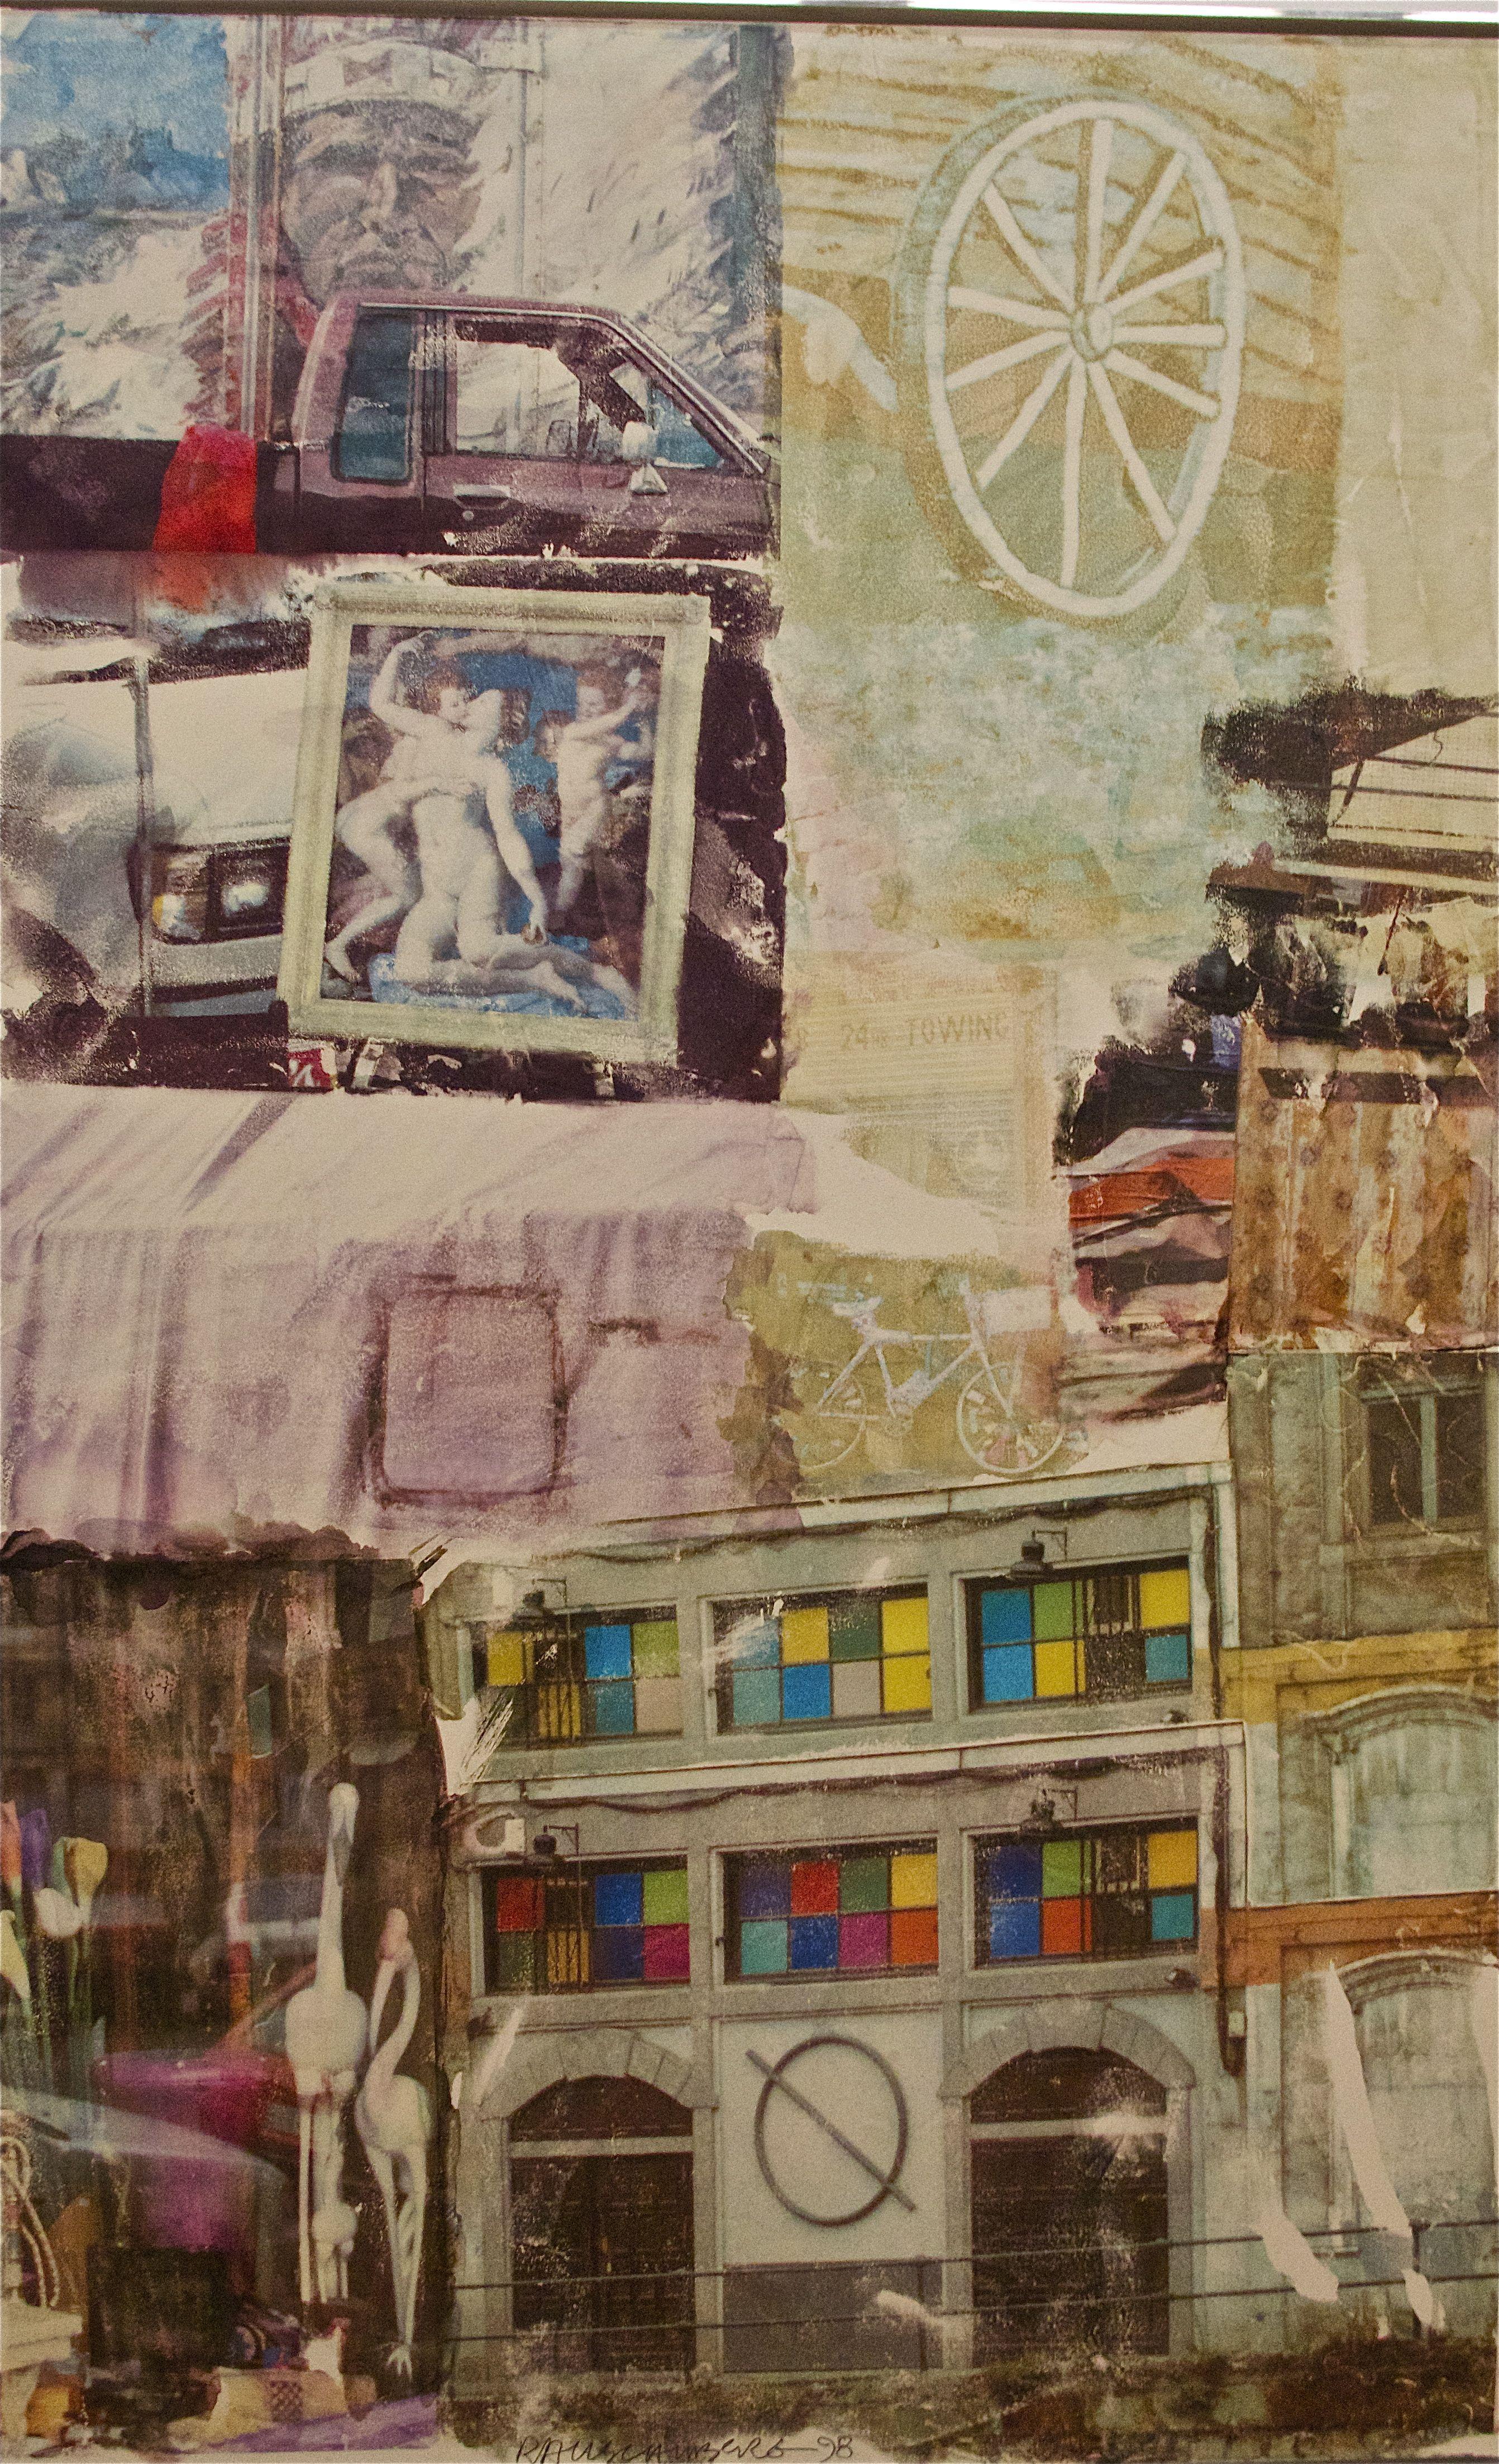 Robert Rauschenberg. Love Hotel 1969. Art Museum